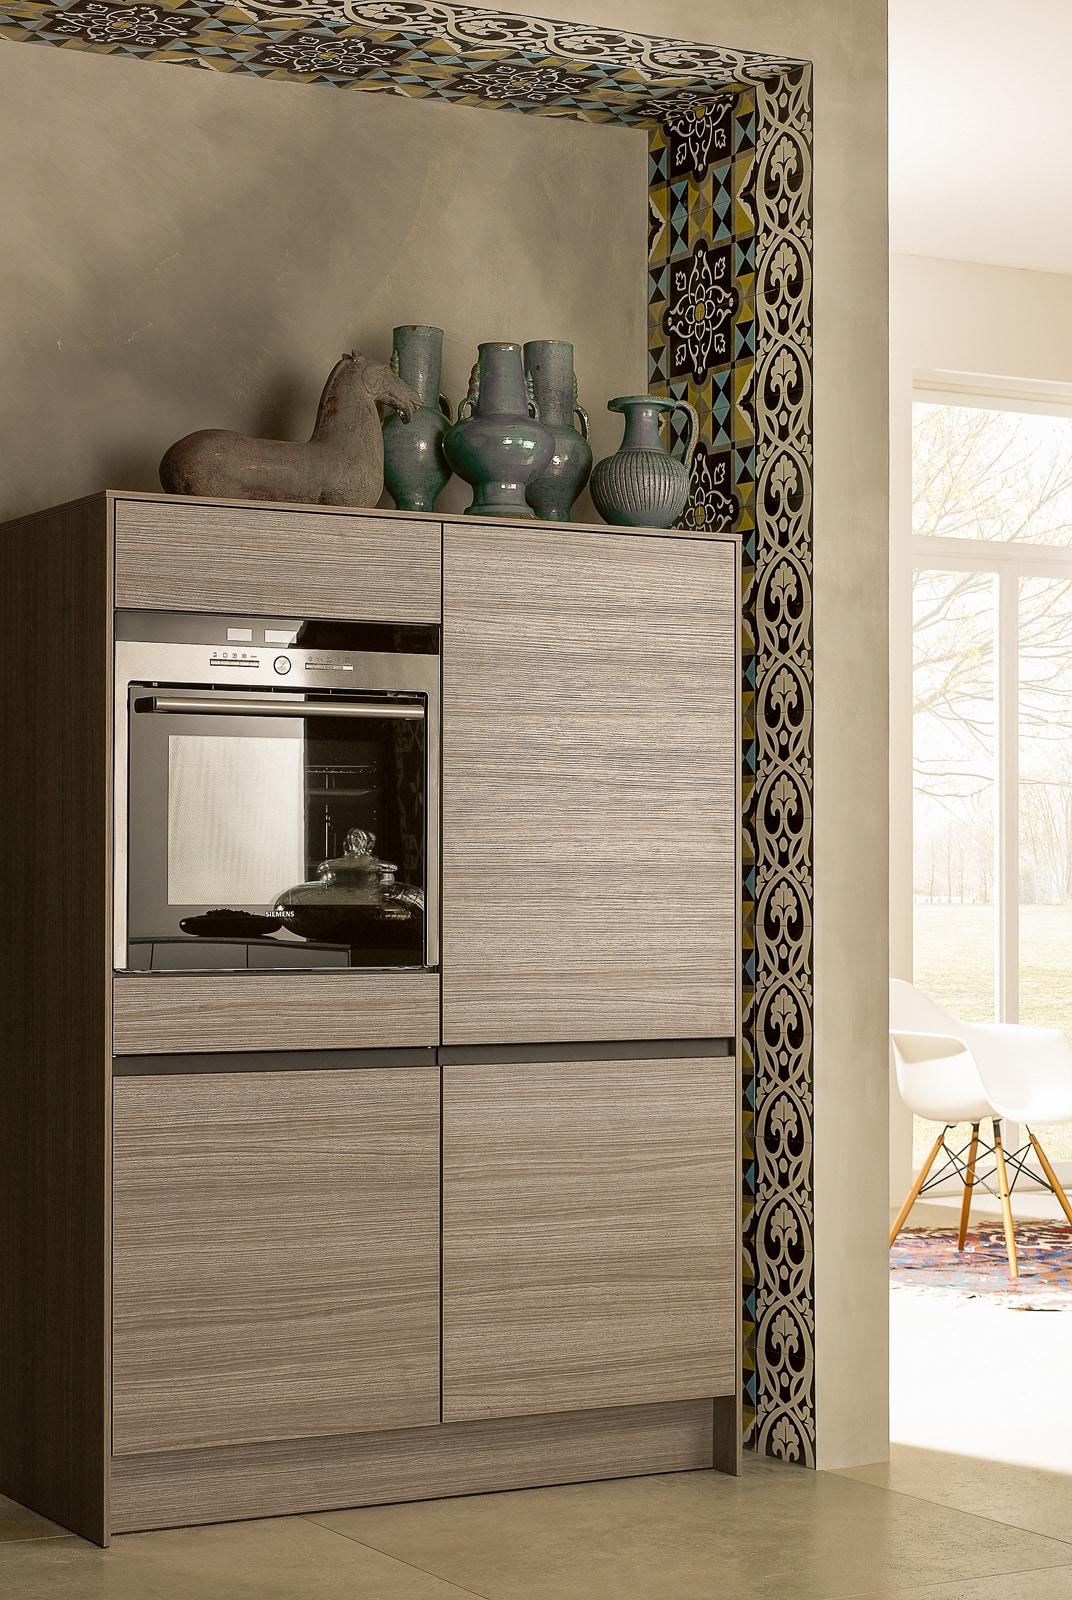 zementfliesen-VIA Zementmosaikplatten-nr.32460-kueche-viaplatten | 32460